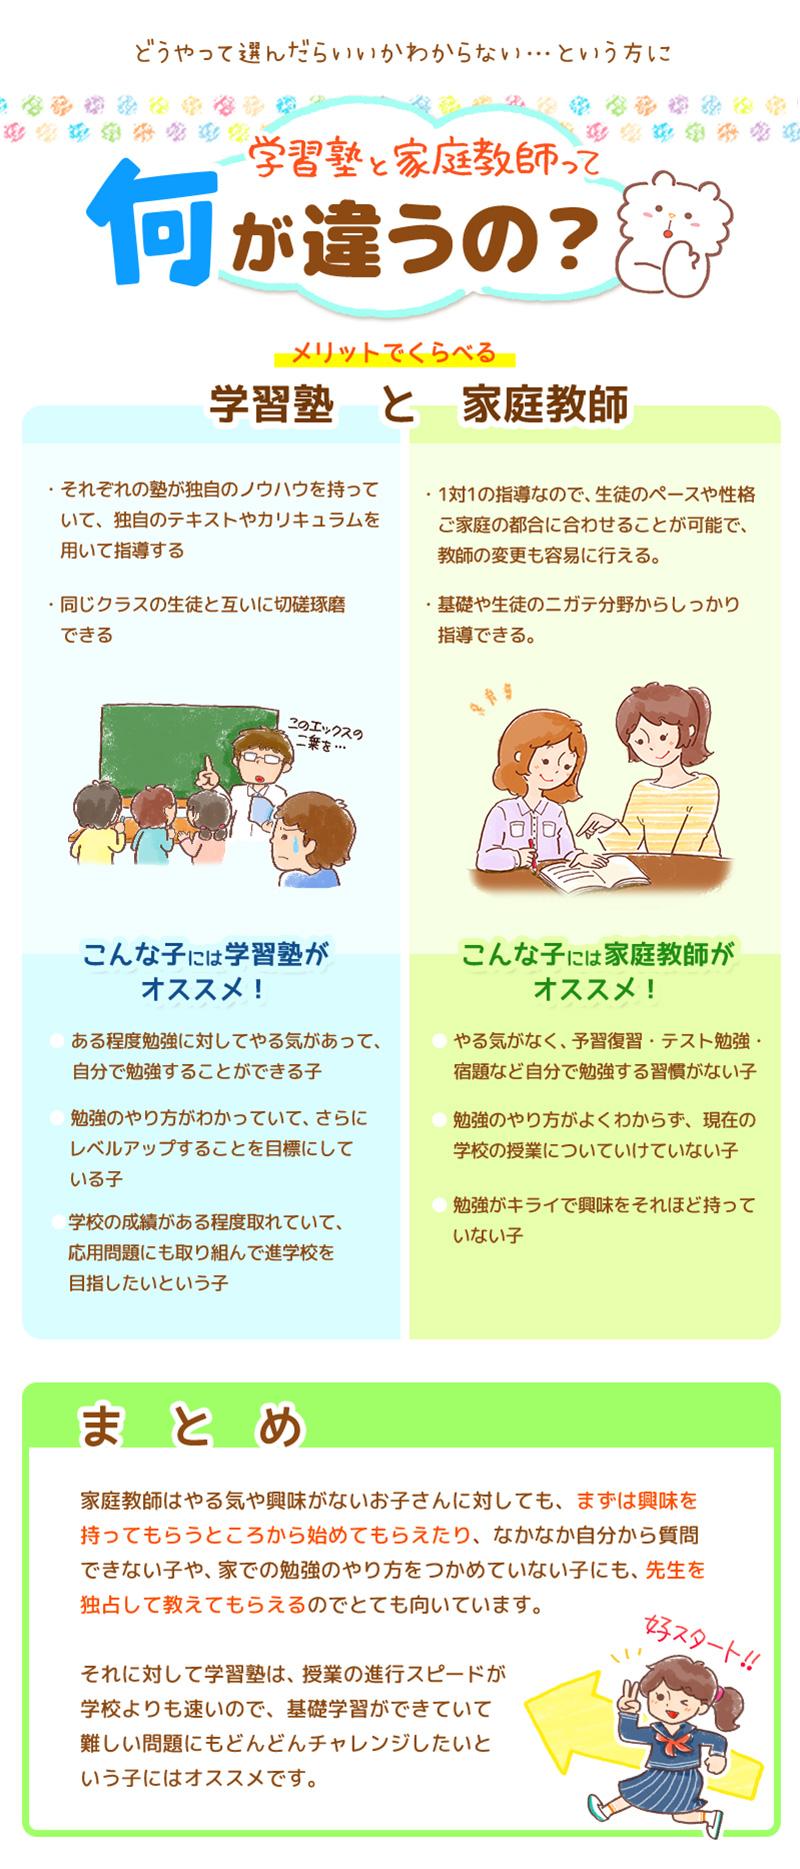 塾と家庭教師って何が違うの?